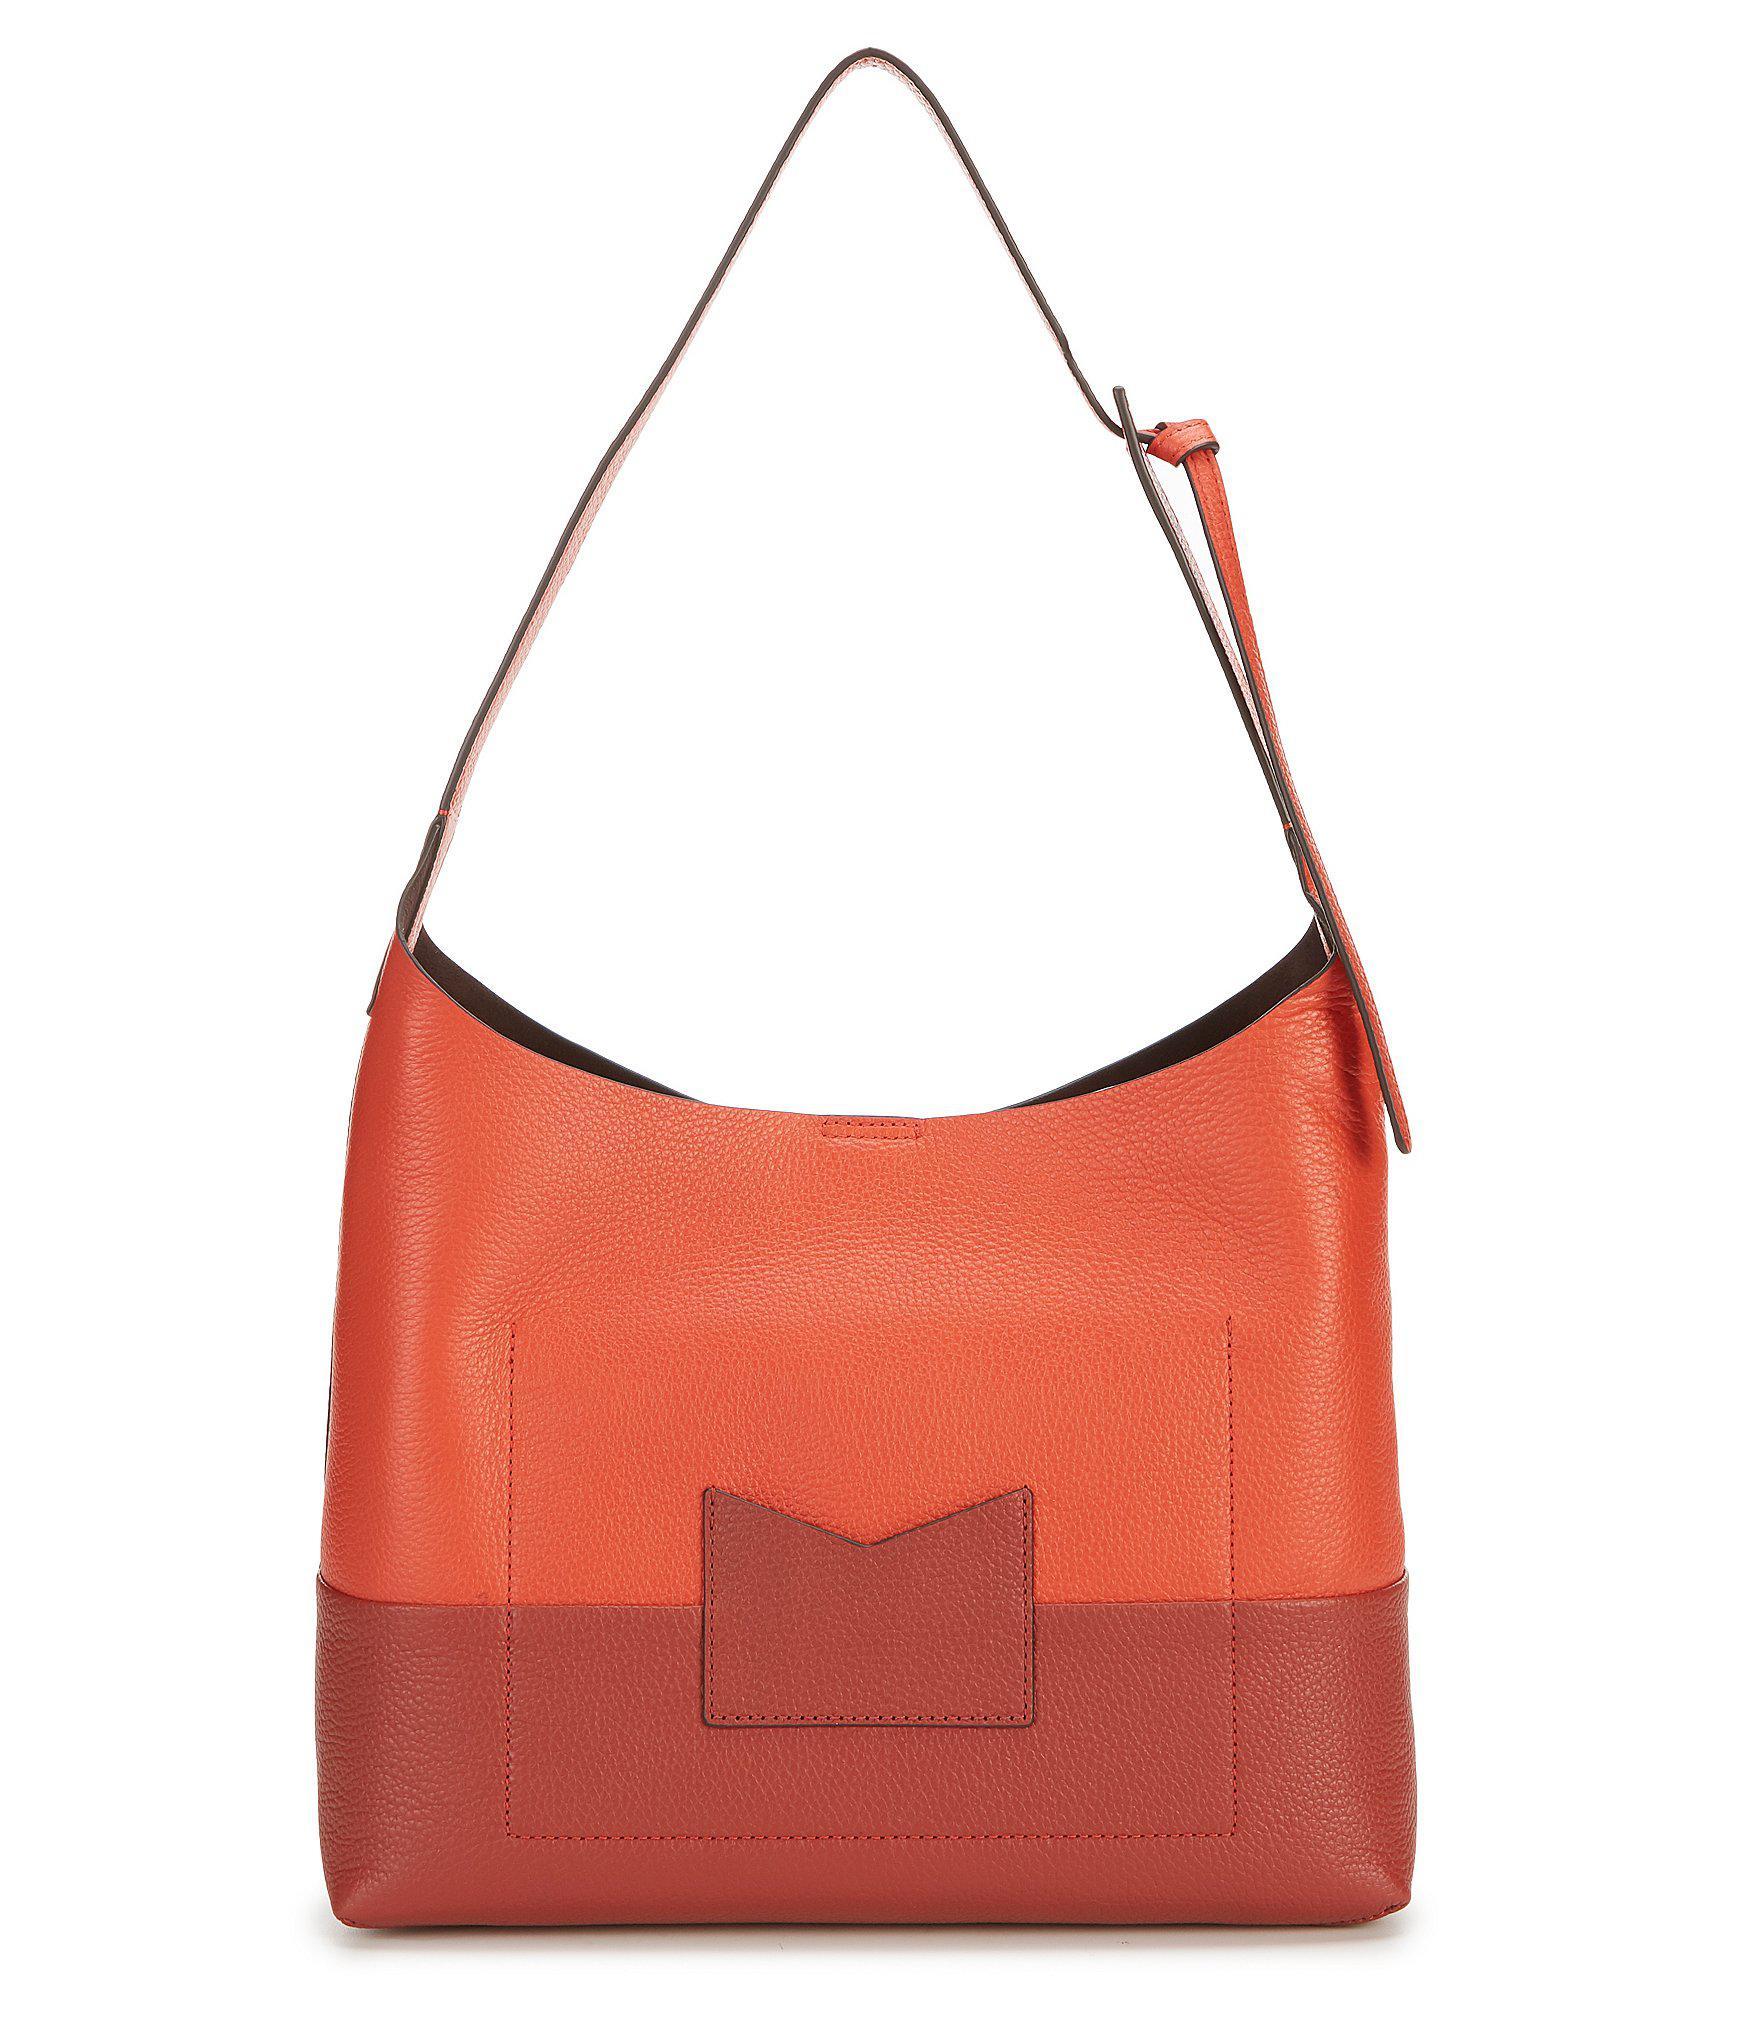 1895be2c5df7 MICHAEL Michael Kors - Red Junie Medium Colorblock Hobo Bag - Lyst. View  fullscreen